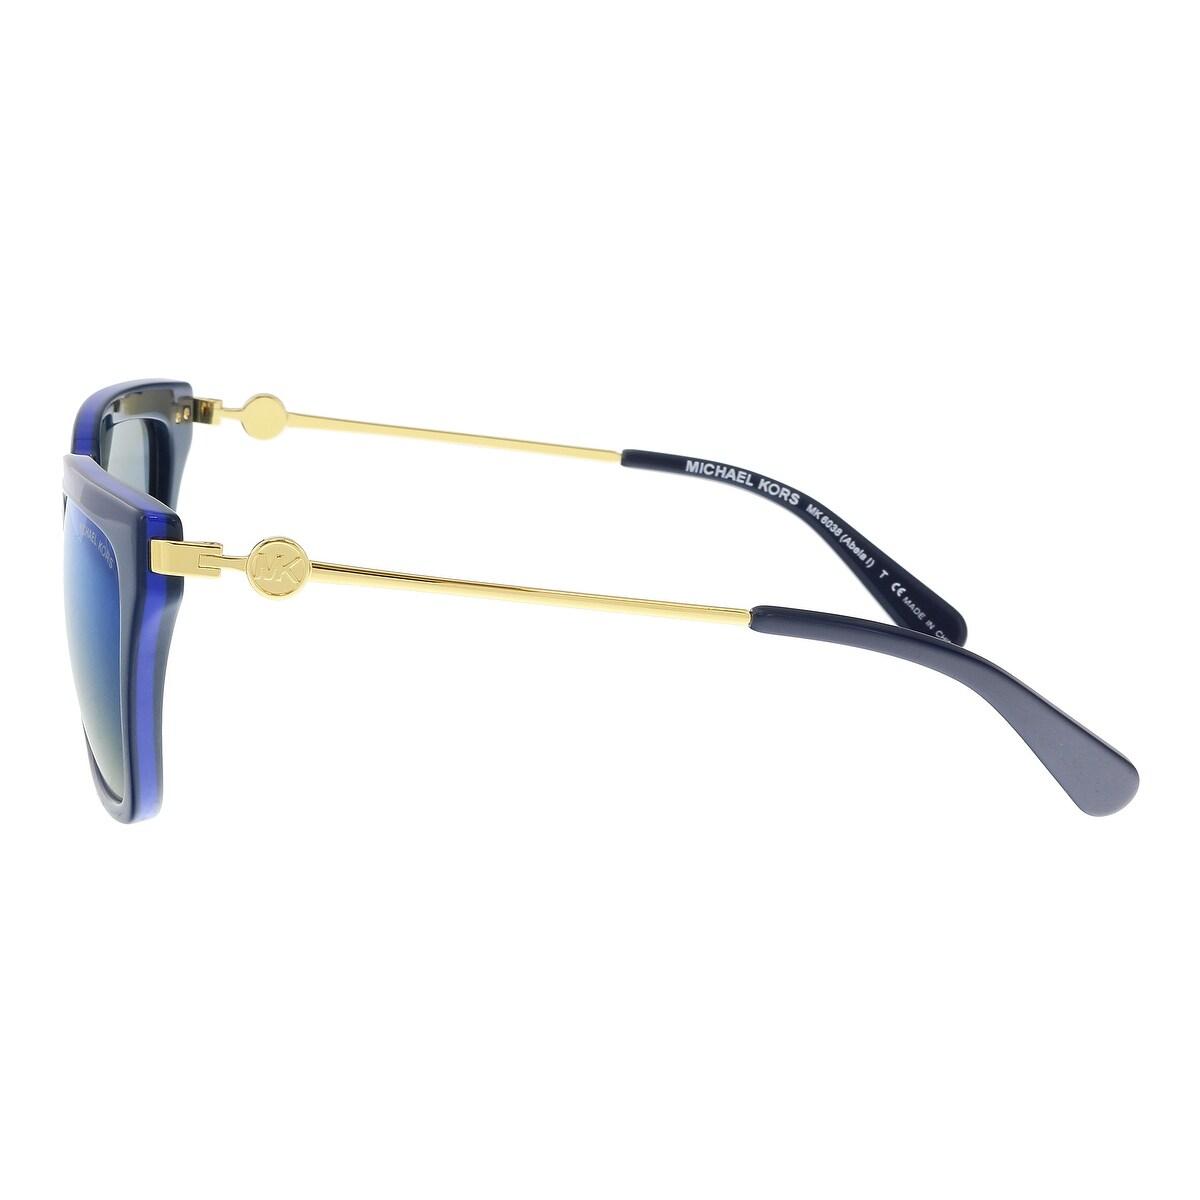 6cc3fd08c1 Shop Michael Kors MK6038 313455 ABELA I Navy Cobalt Square Sunglasses -  56-17-140 - Free Shipping Today - Overstock.com - 21158002